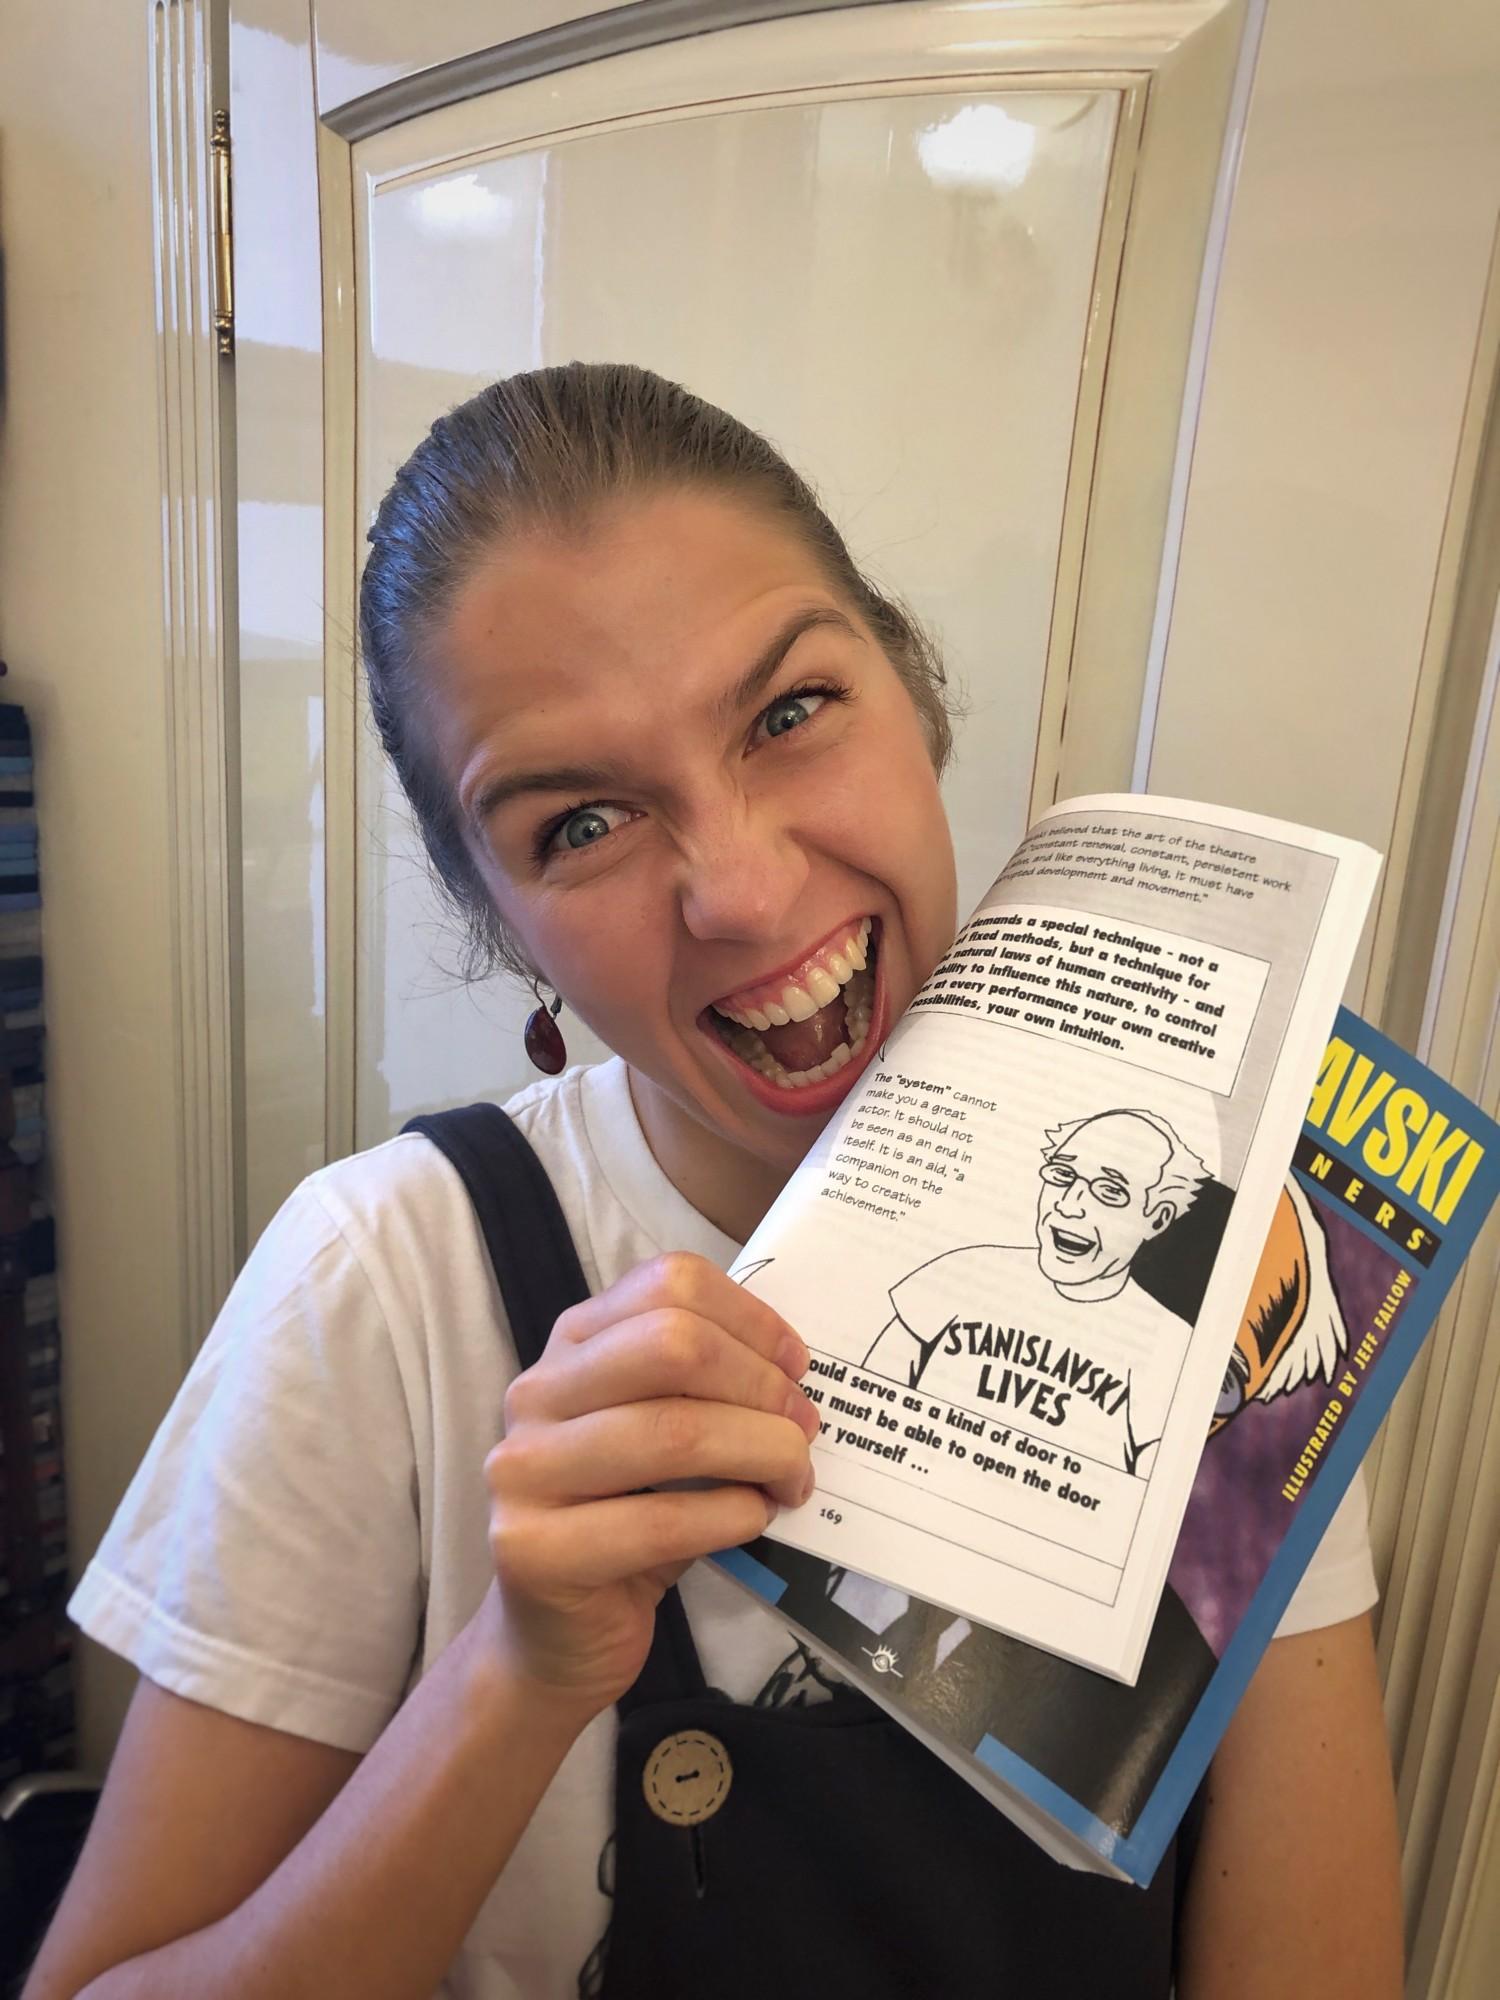 В Америке даже есть комикс про жизнь и учение Станиславского. Он забавный, но я не рекомендую с него начинать обучение ребенка. Он скорее пойдет как подарок или приятное чтение на досуге.